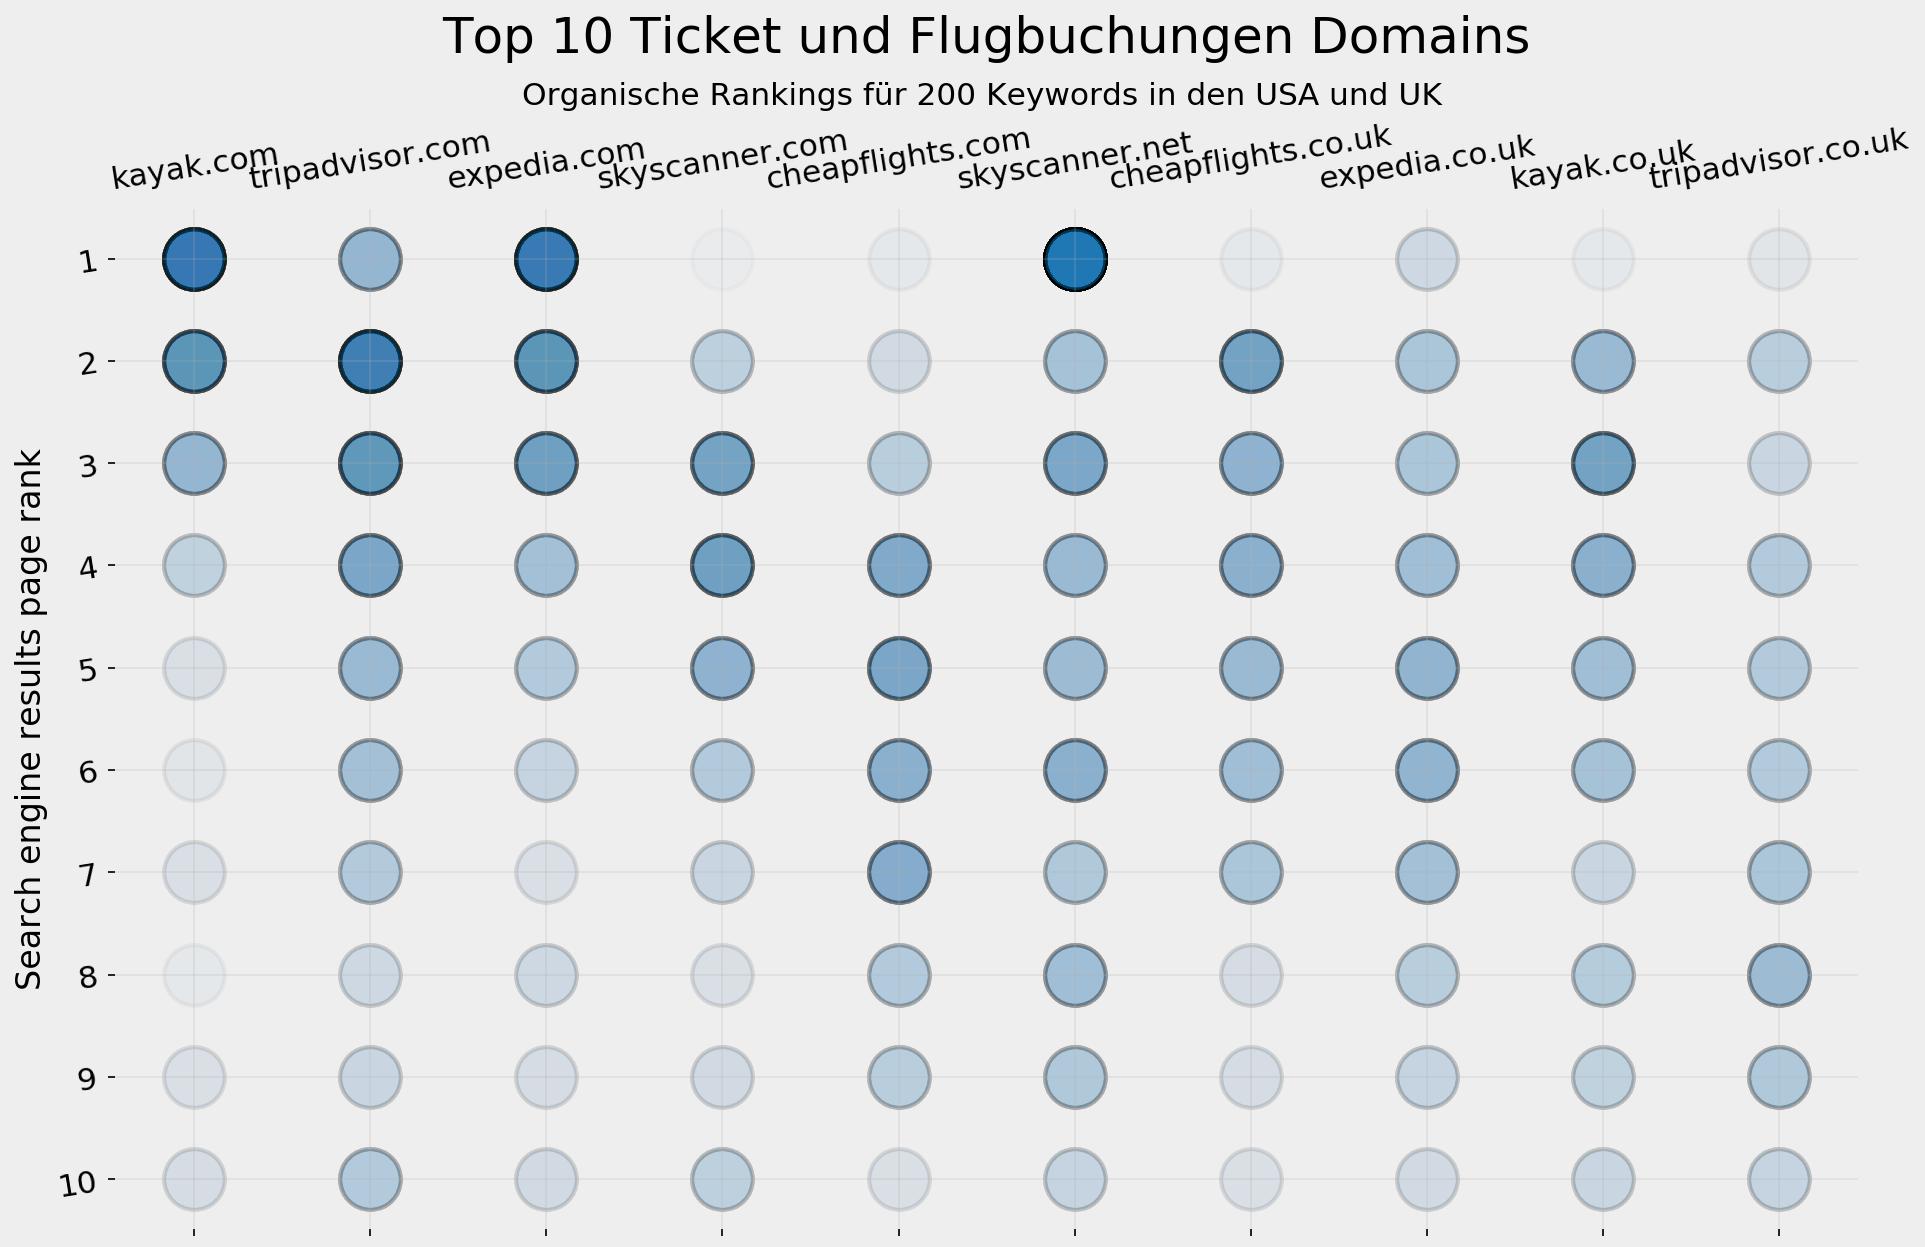 Top-10-Tickets und Flüge - SERP-Visualisierung